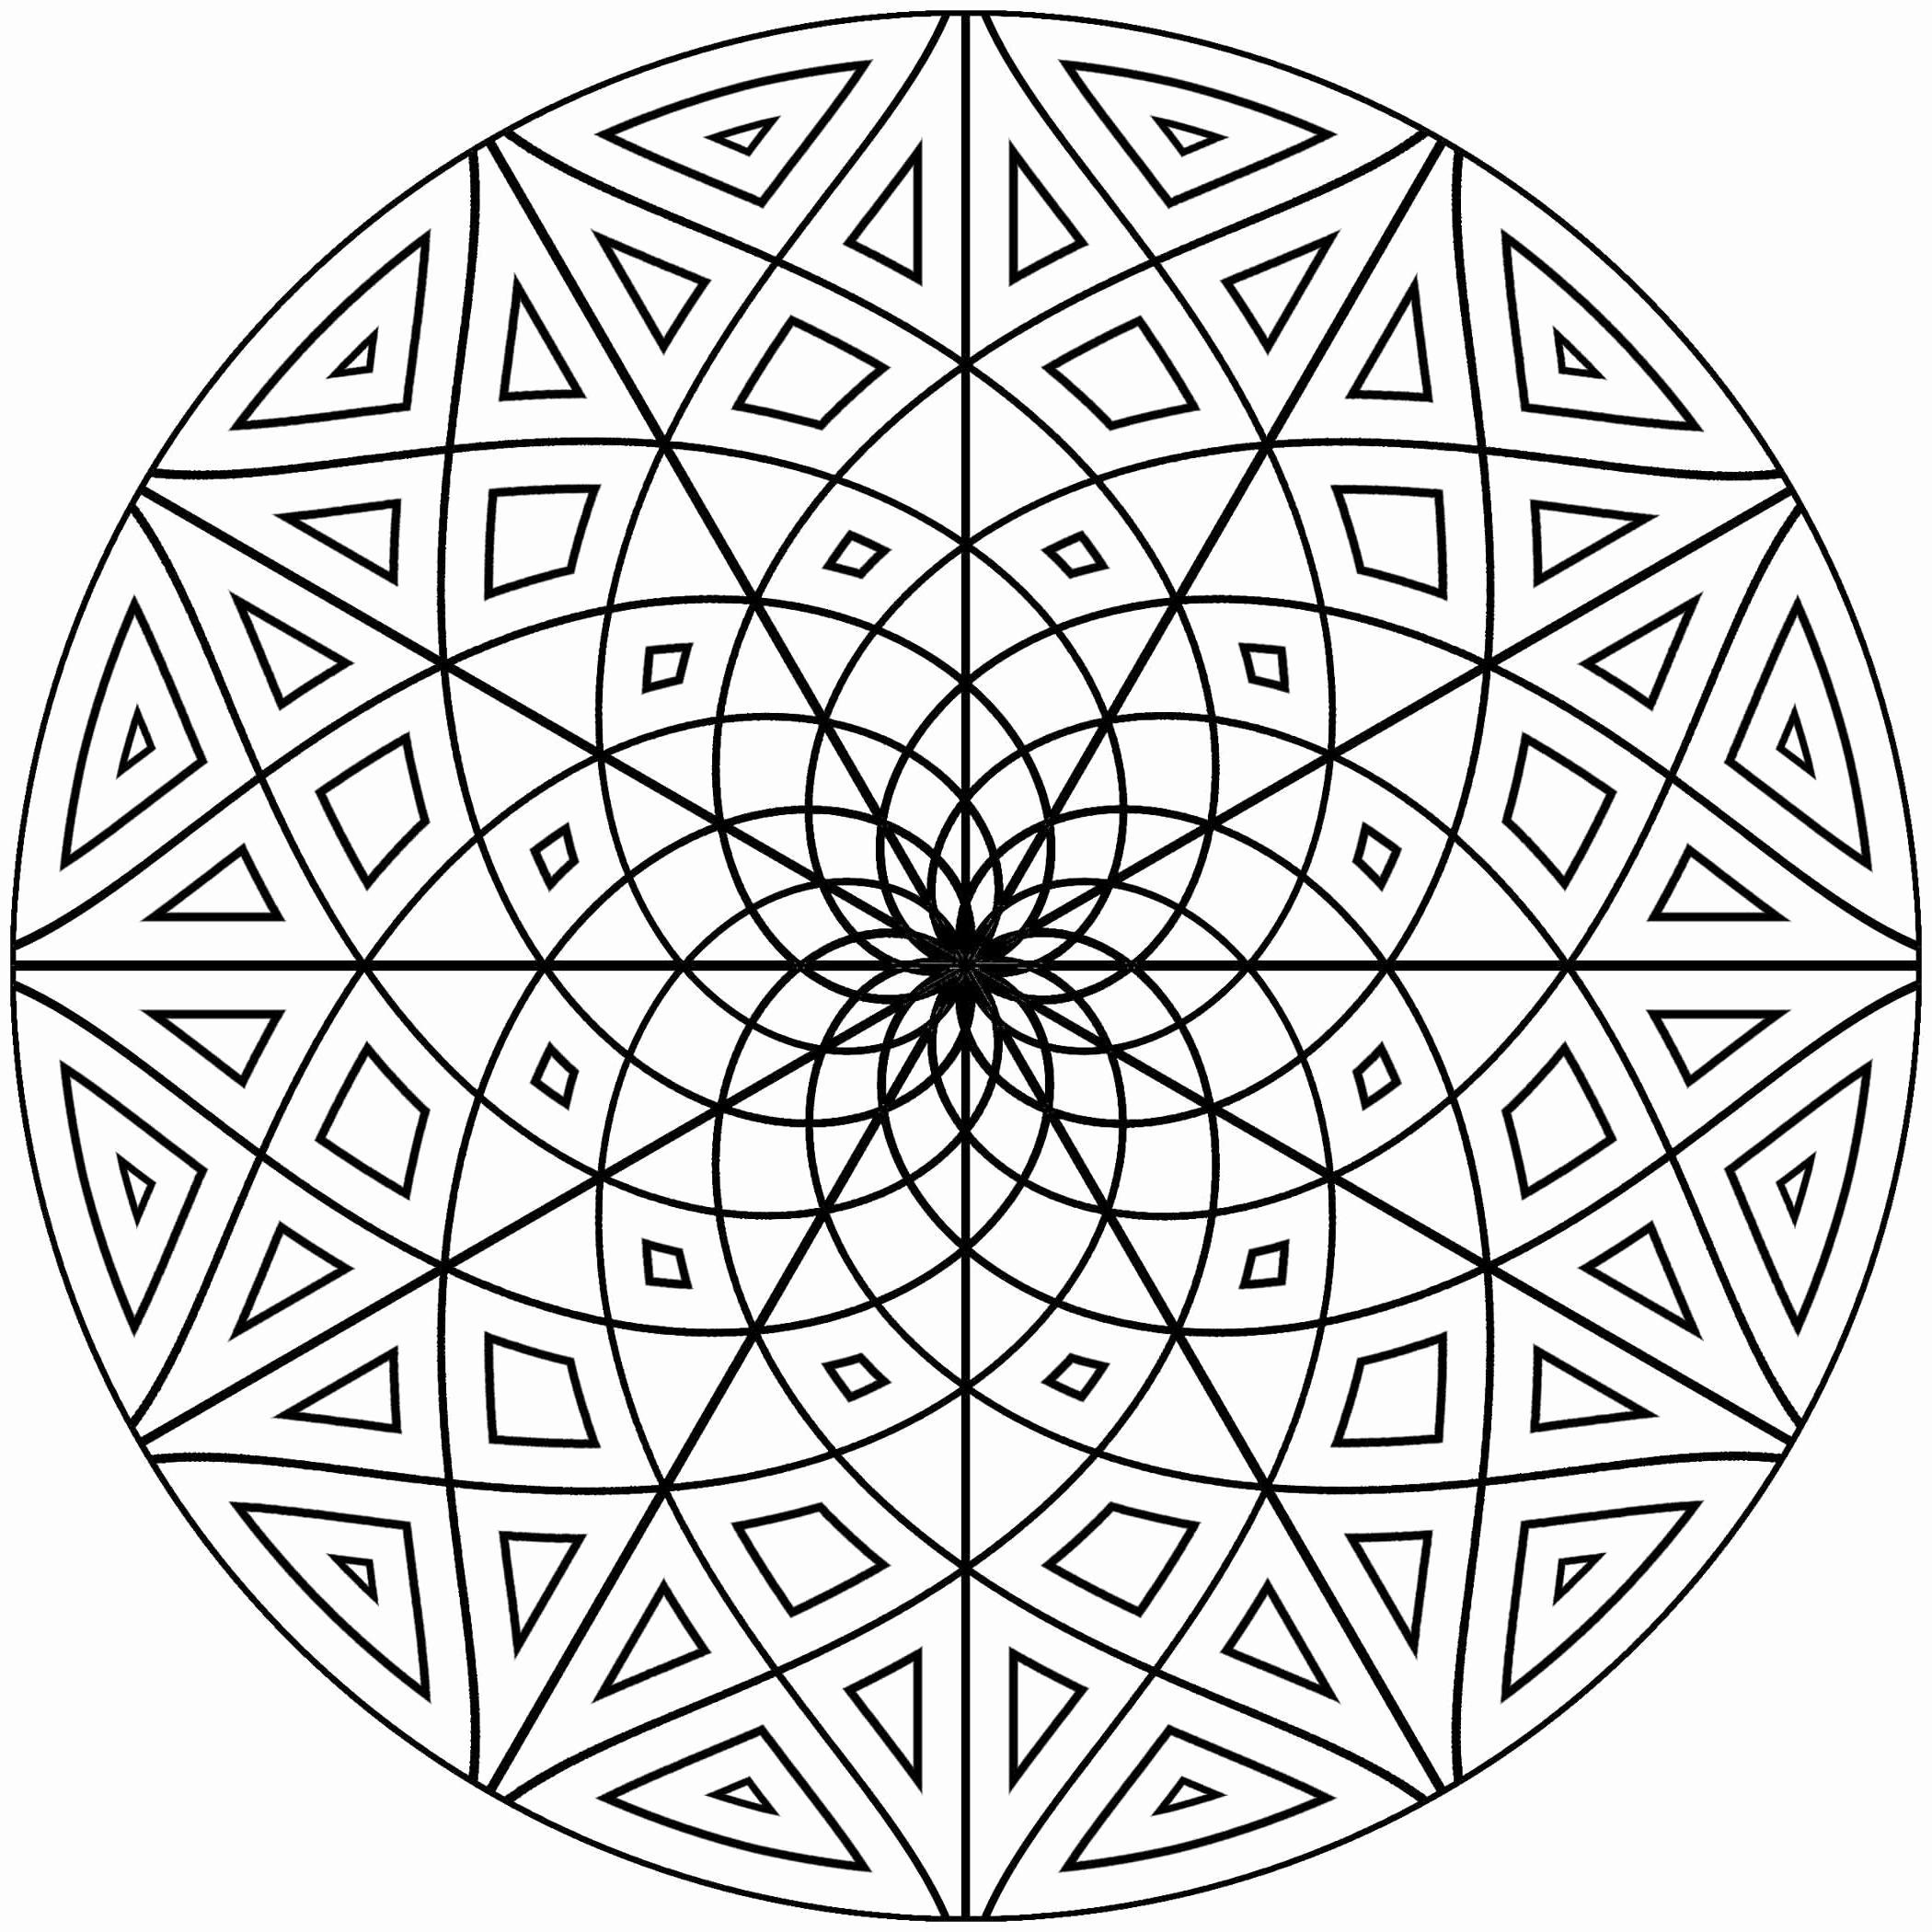 Geometric Shape Patterns Worksheet Luxury 15 Best Of Geometry Drawing Worksheets Printable